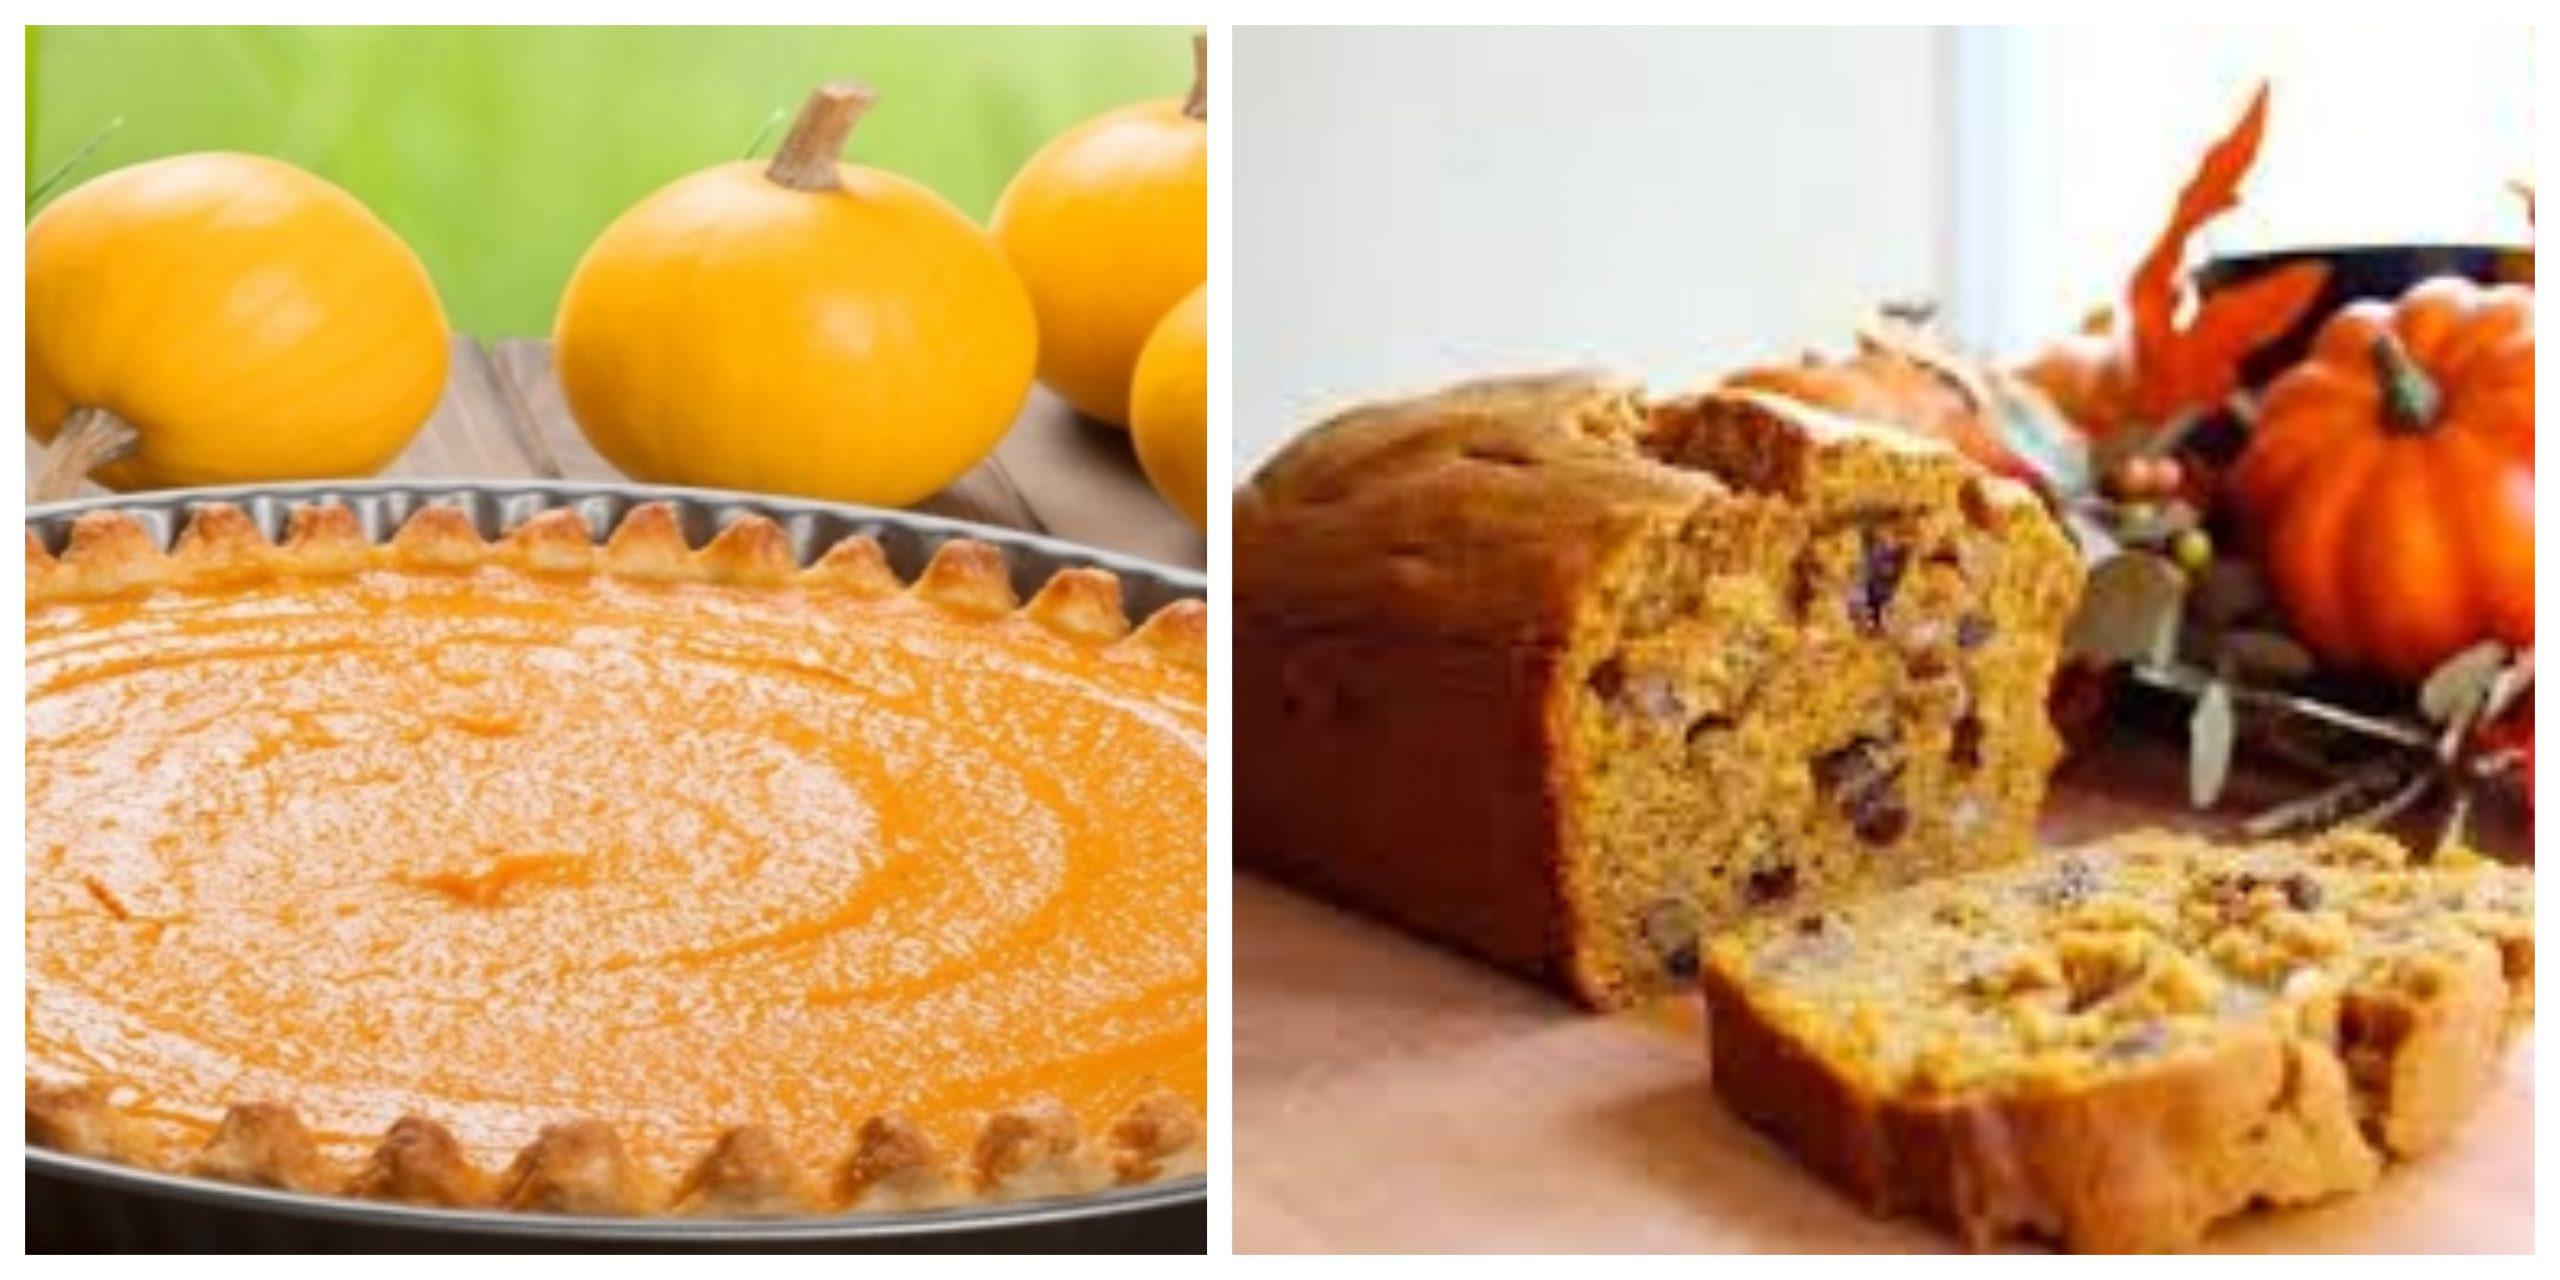 وصفات صحية لذيذة كعك القرع بالموز